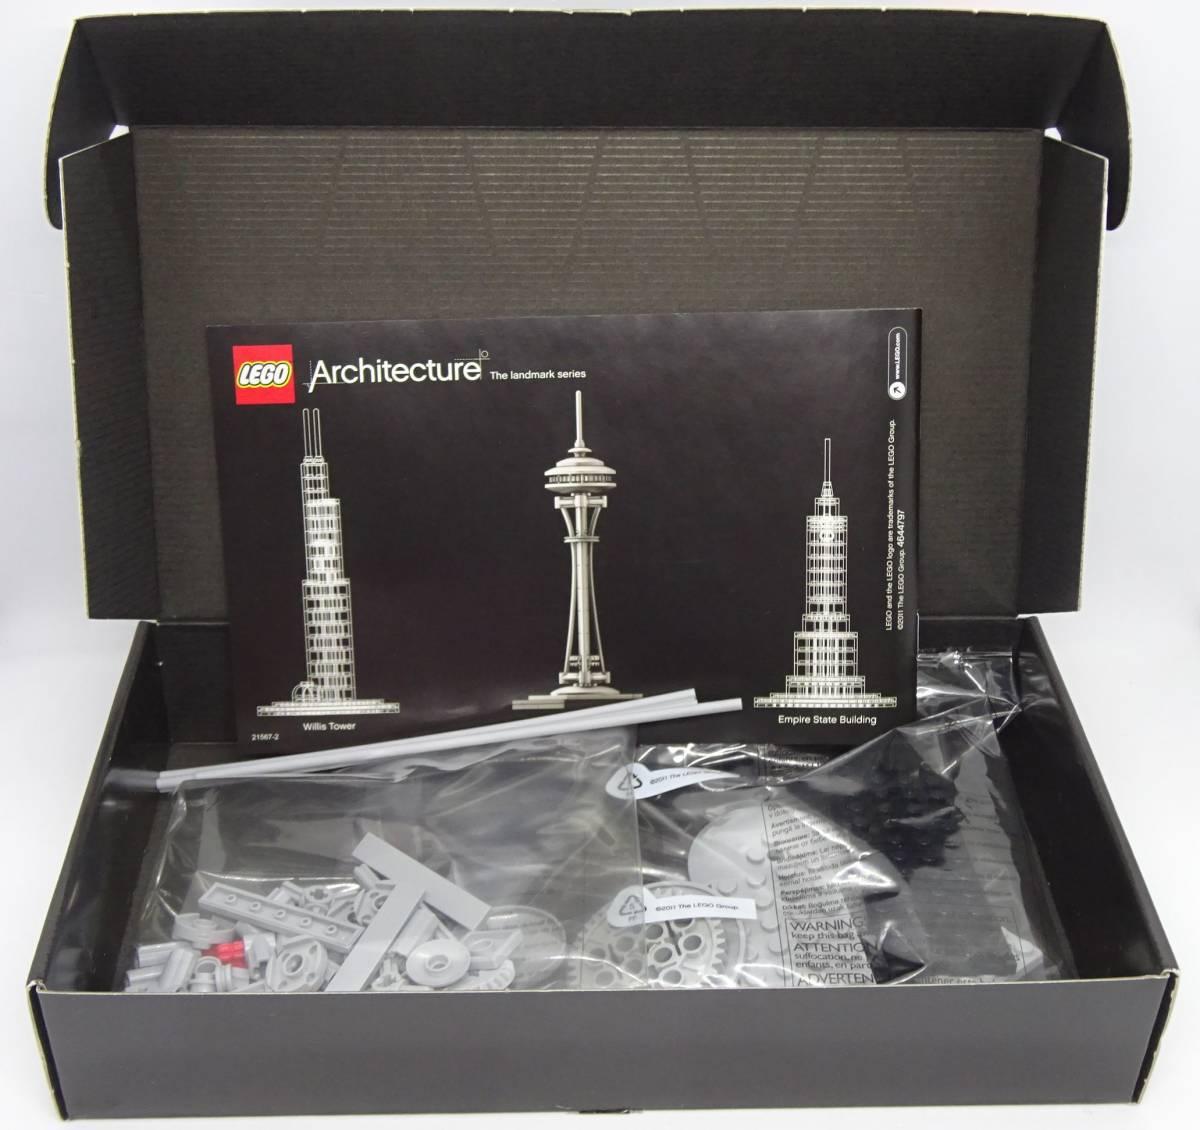 レゴ/LEGO アーキテクチャー シアトル スペース ニードル タワー 21003_画像2